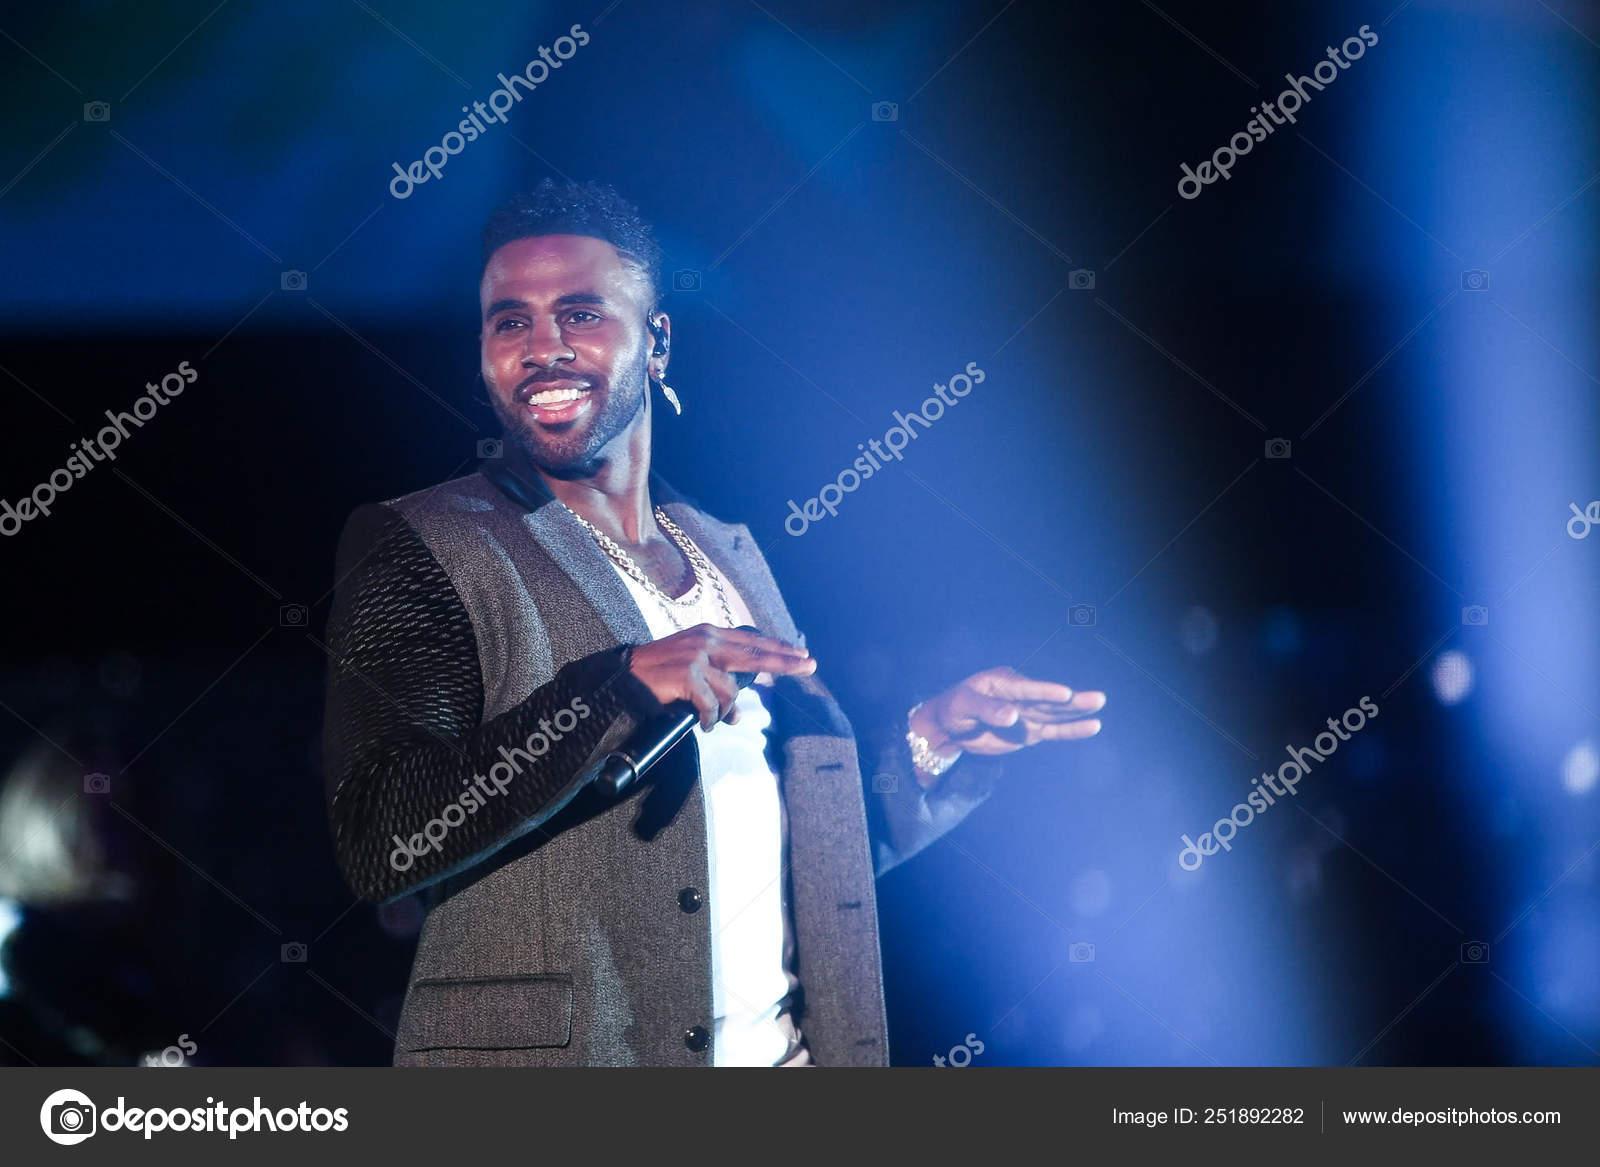 American Singer Songwriter Dancer Jason Derulo Performs Draw